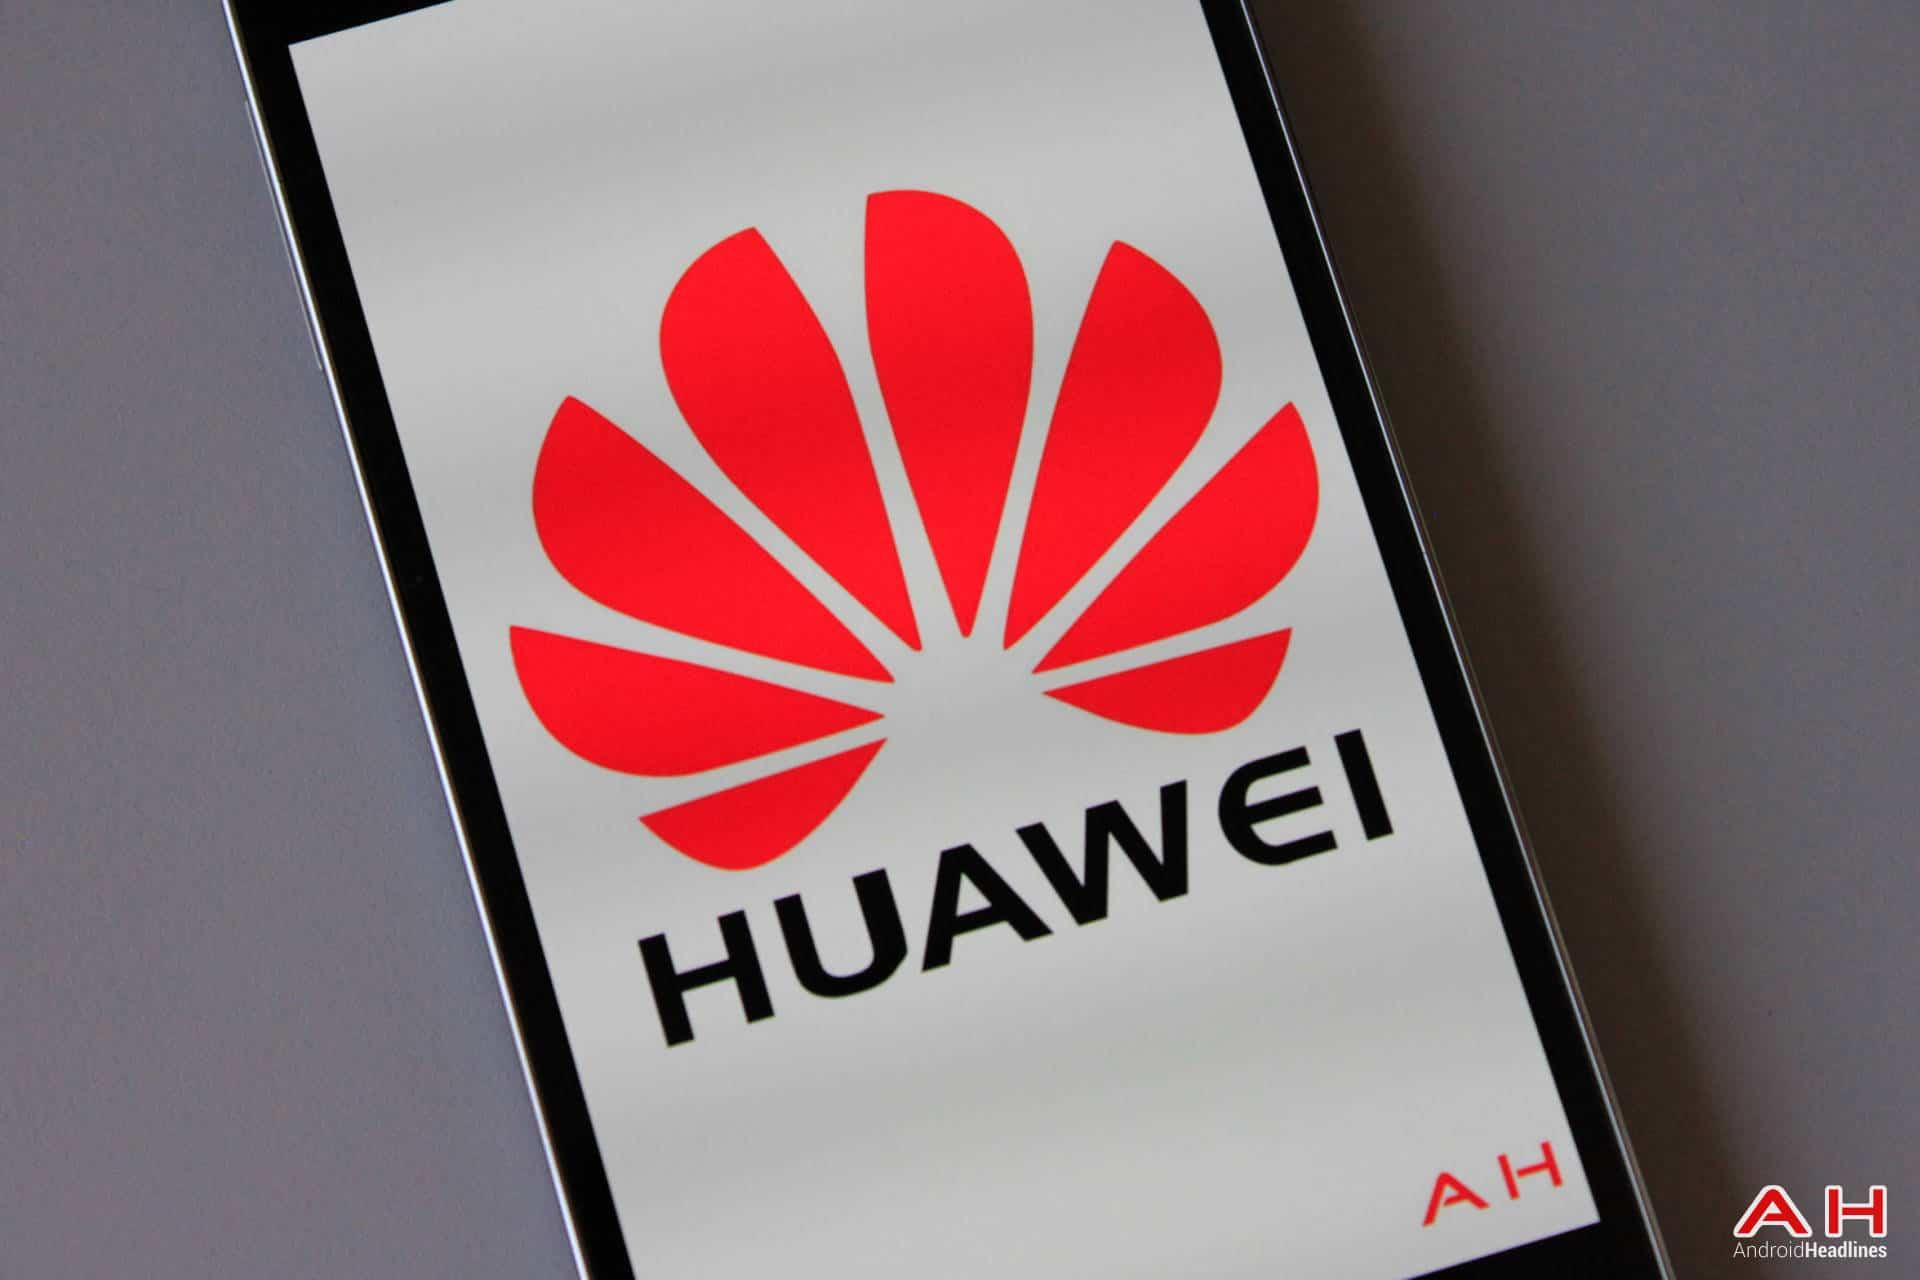 AH Huawei Logo 1.2